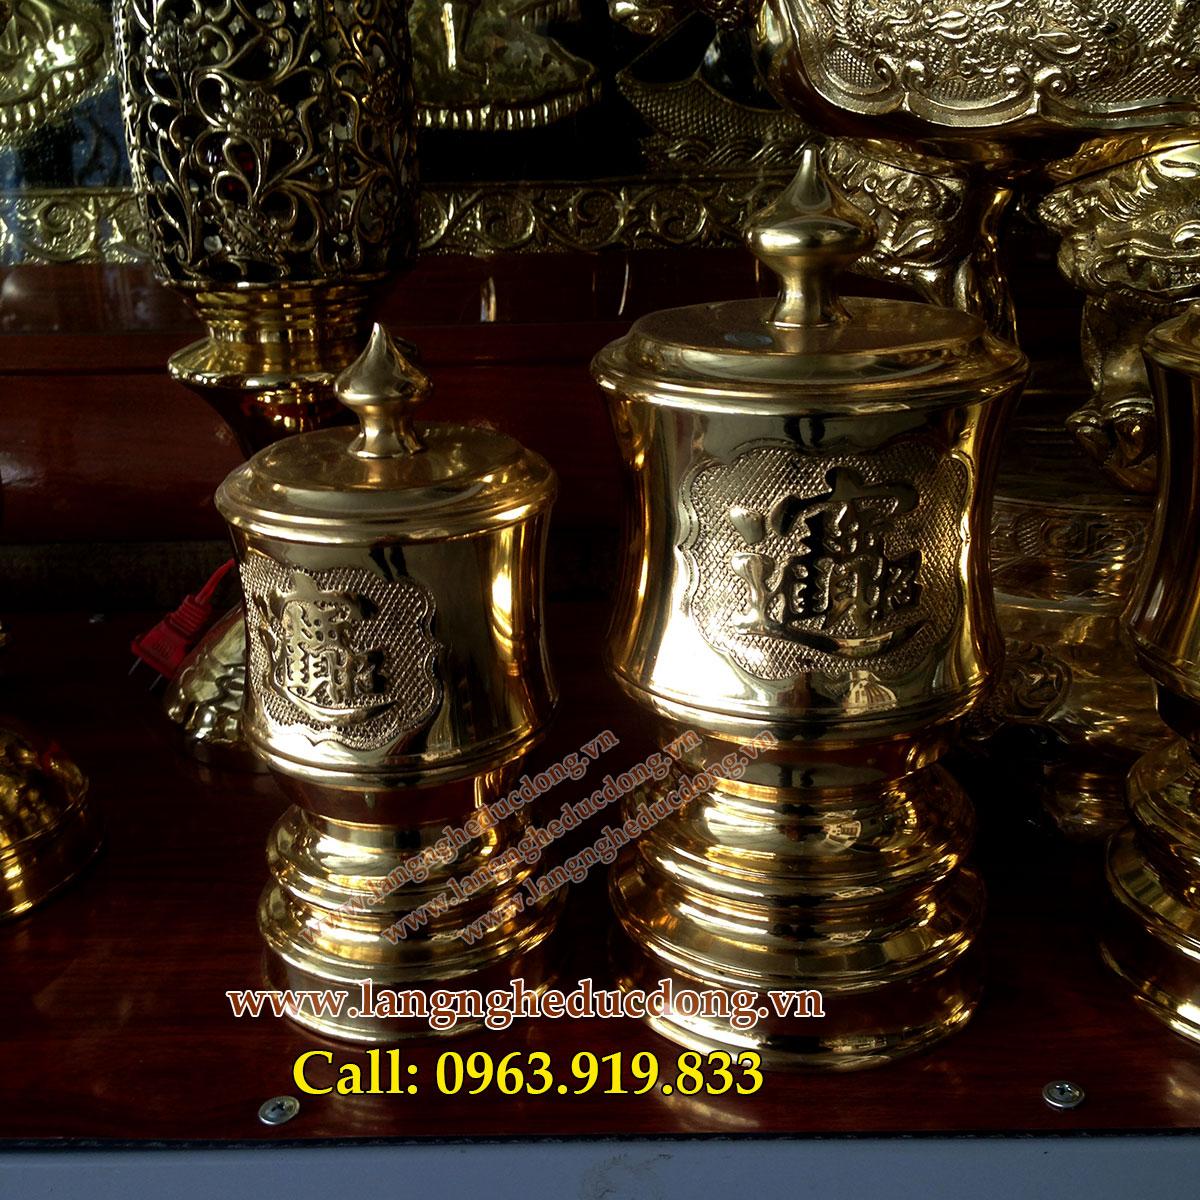 langngheducdong.vn - Đài thờ, bộ đài DK 10cm bằng đồng, đồ thờ cúng đồng